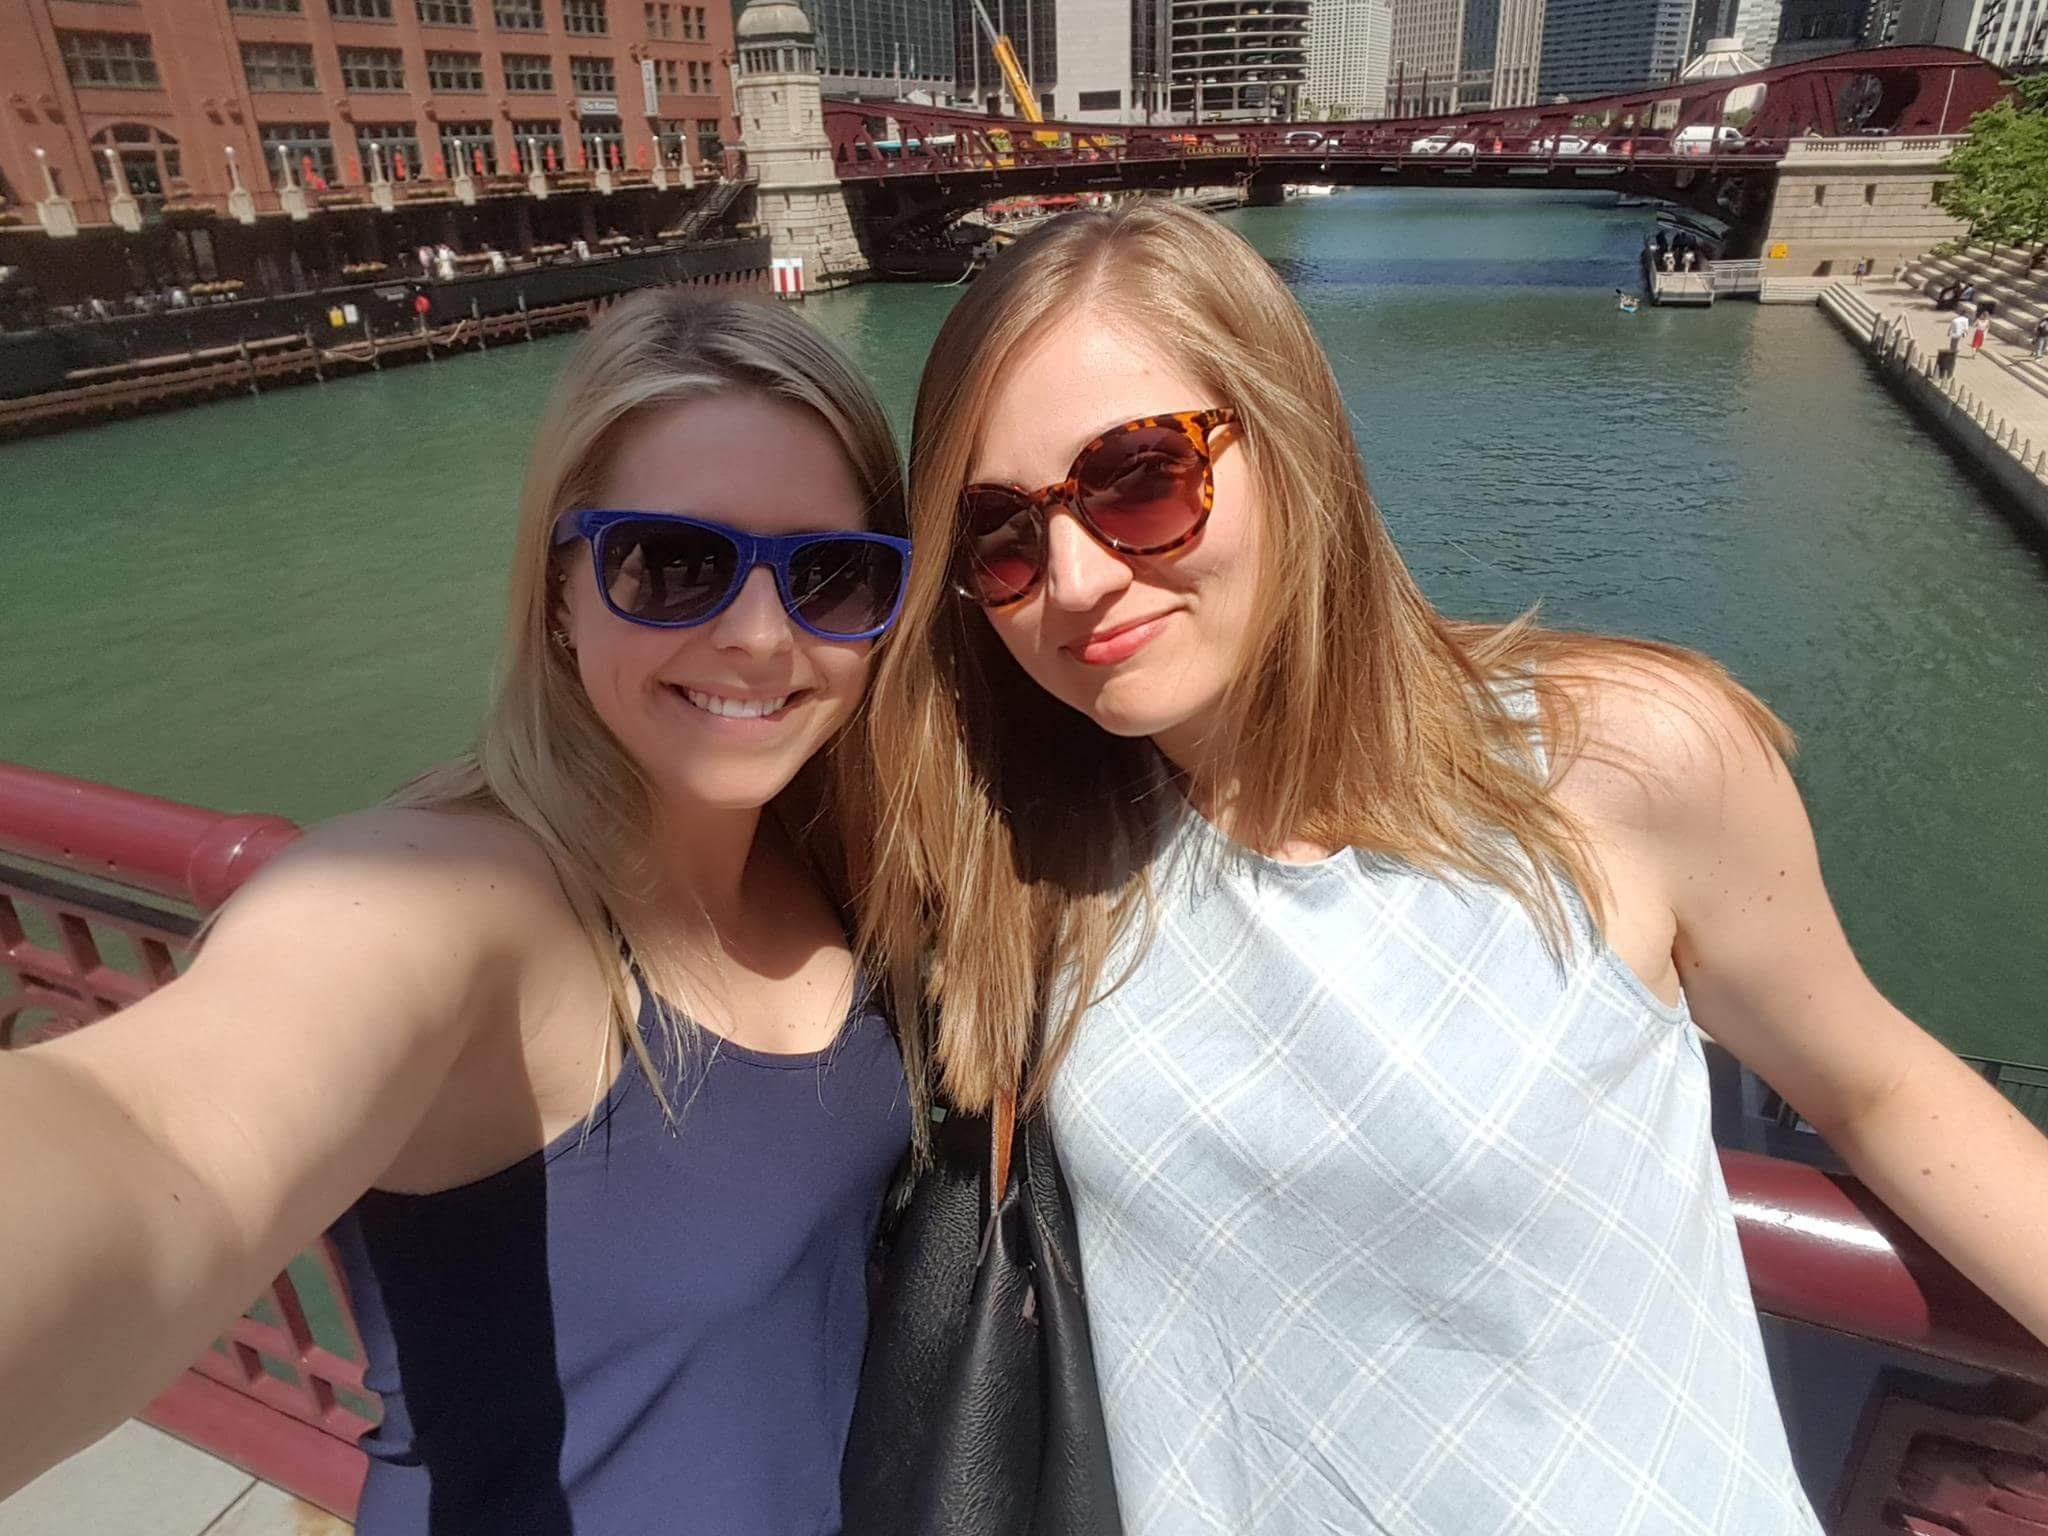 Enjoying the Bridges of Chicago